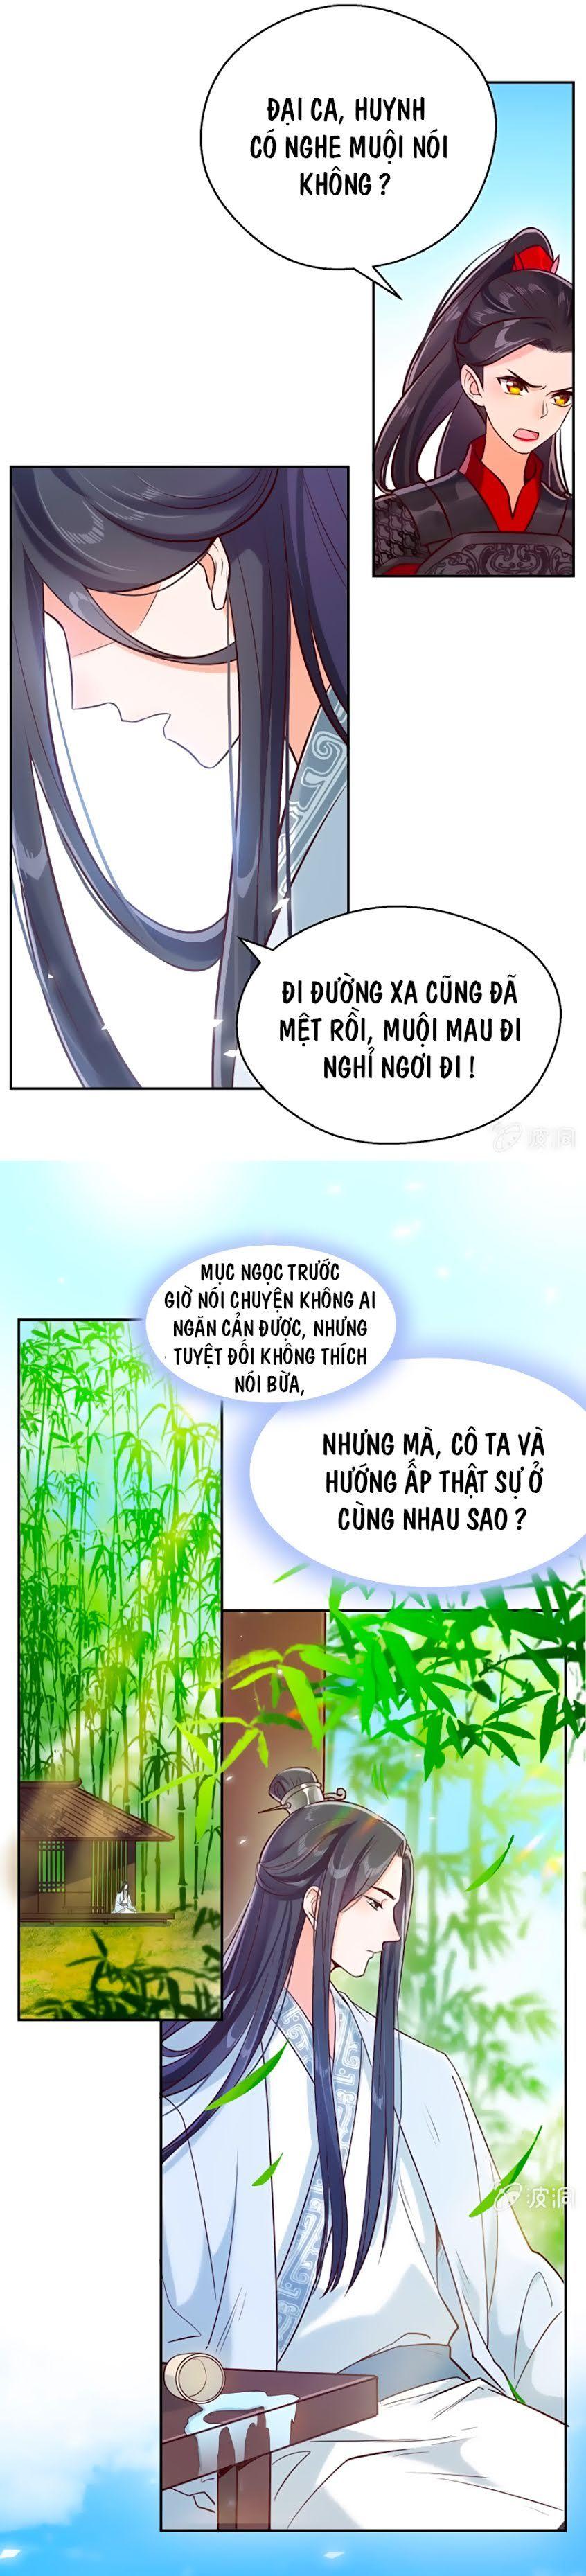 Phượng Khởi Hoa Tàng – Chap 18